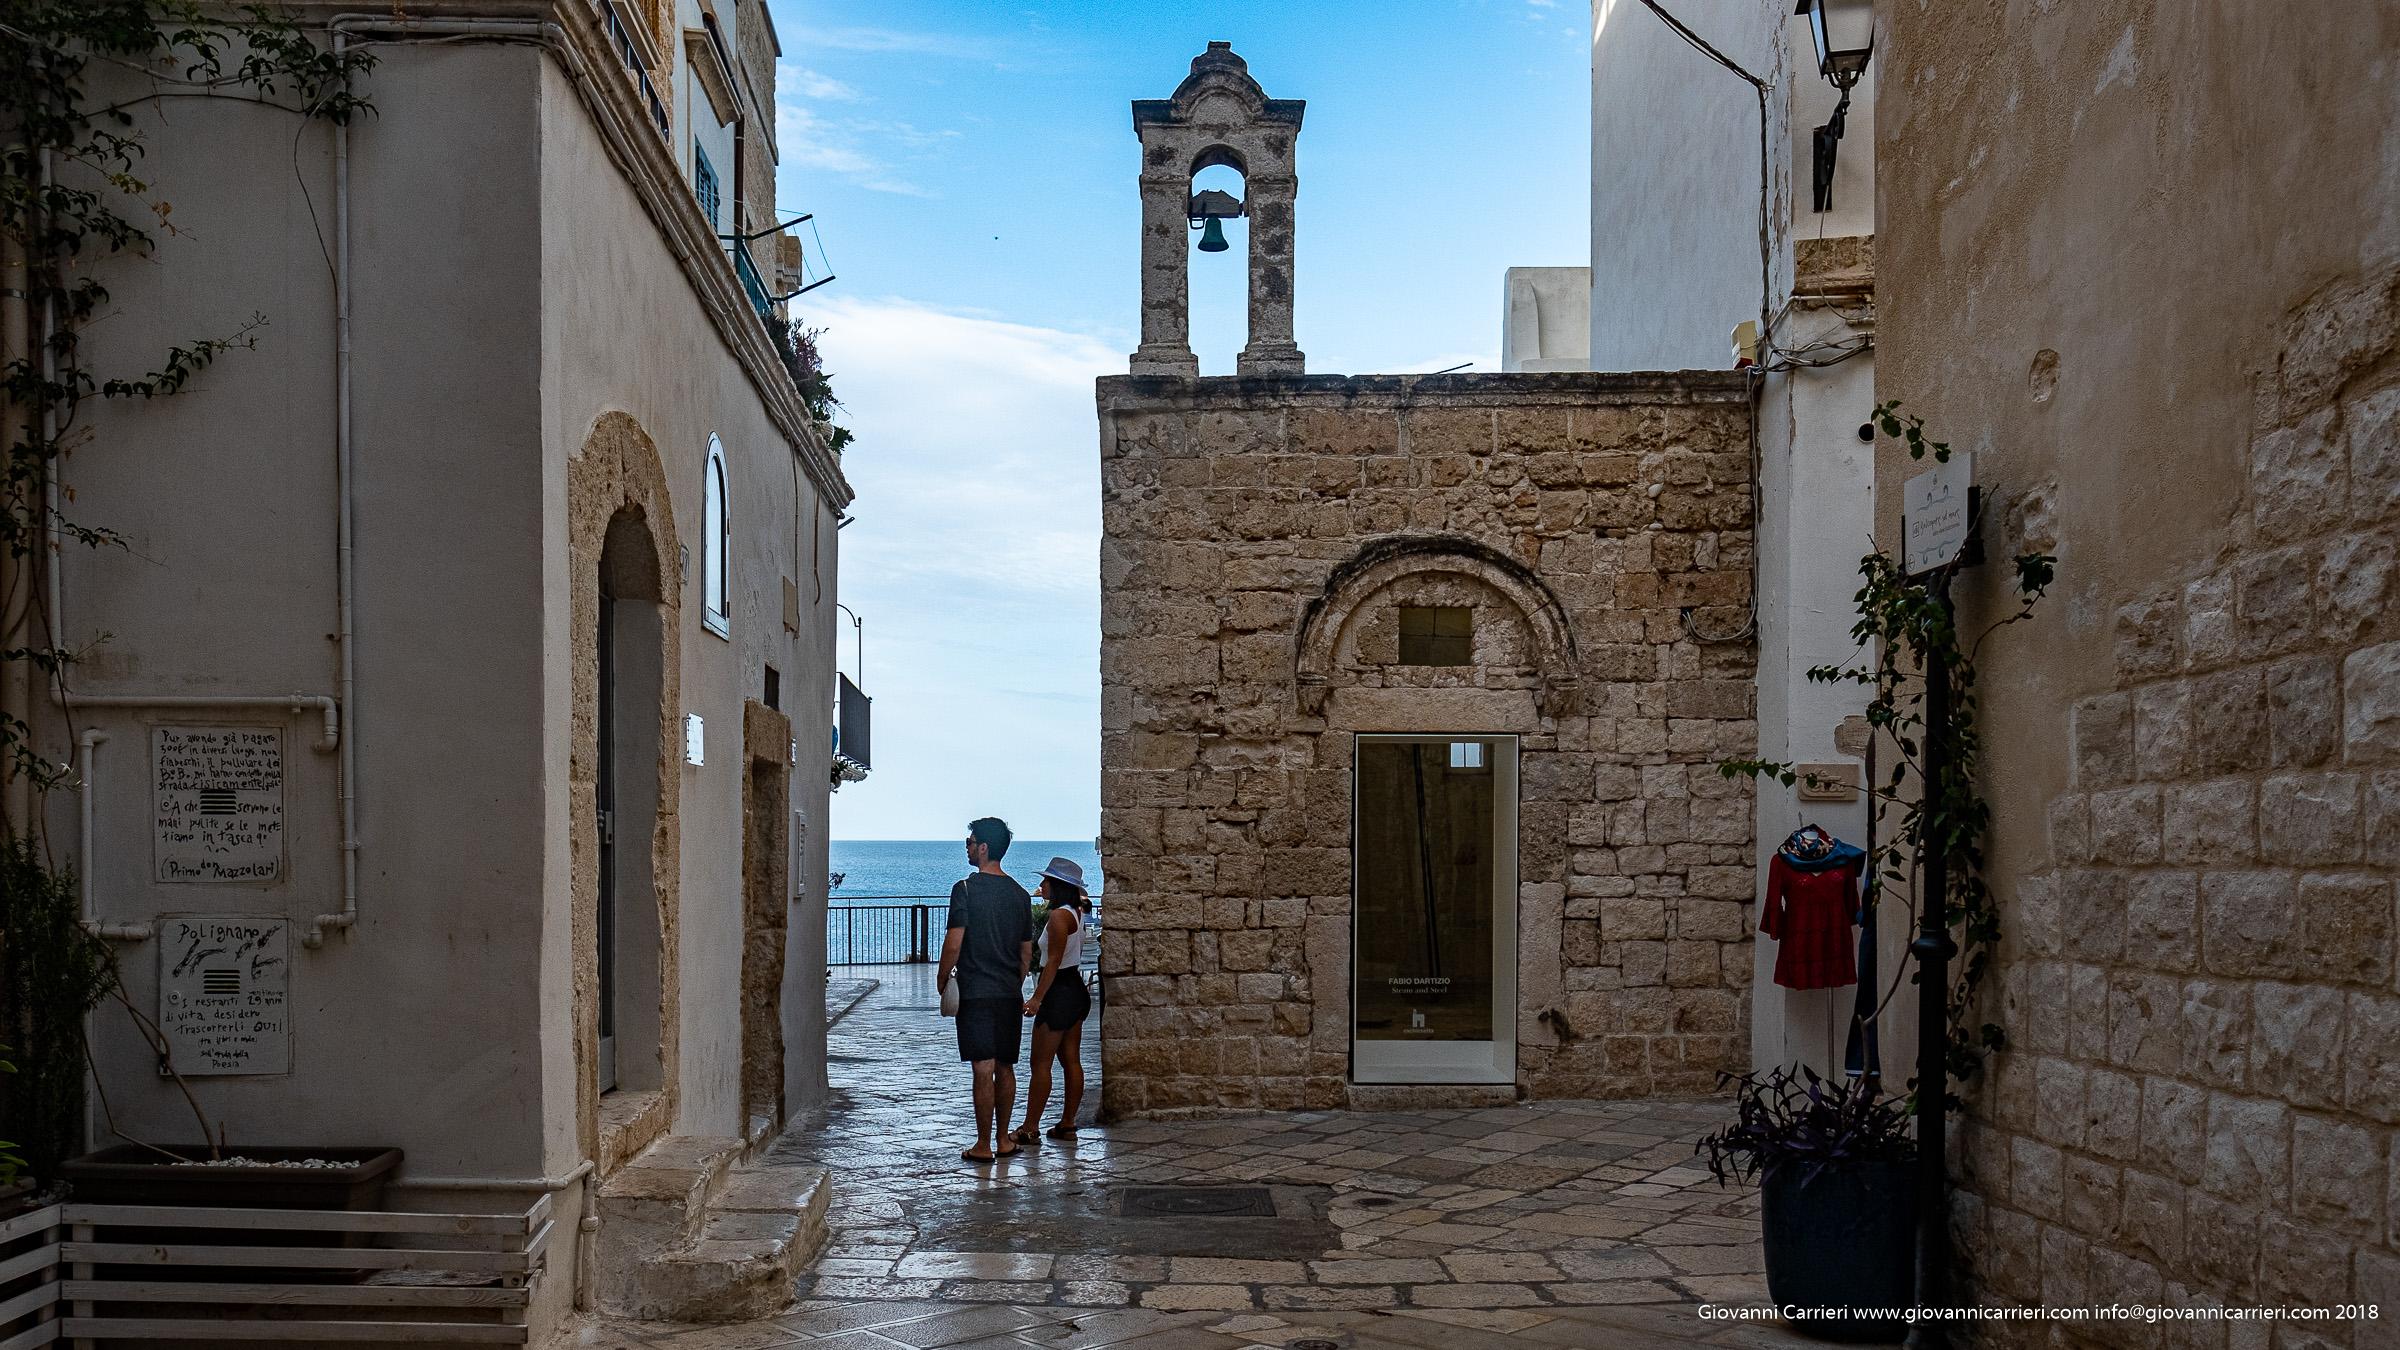 Santo Stefano Polignano a mare